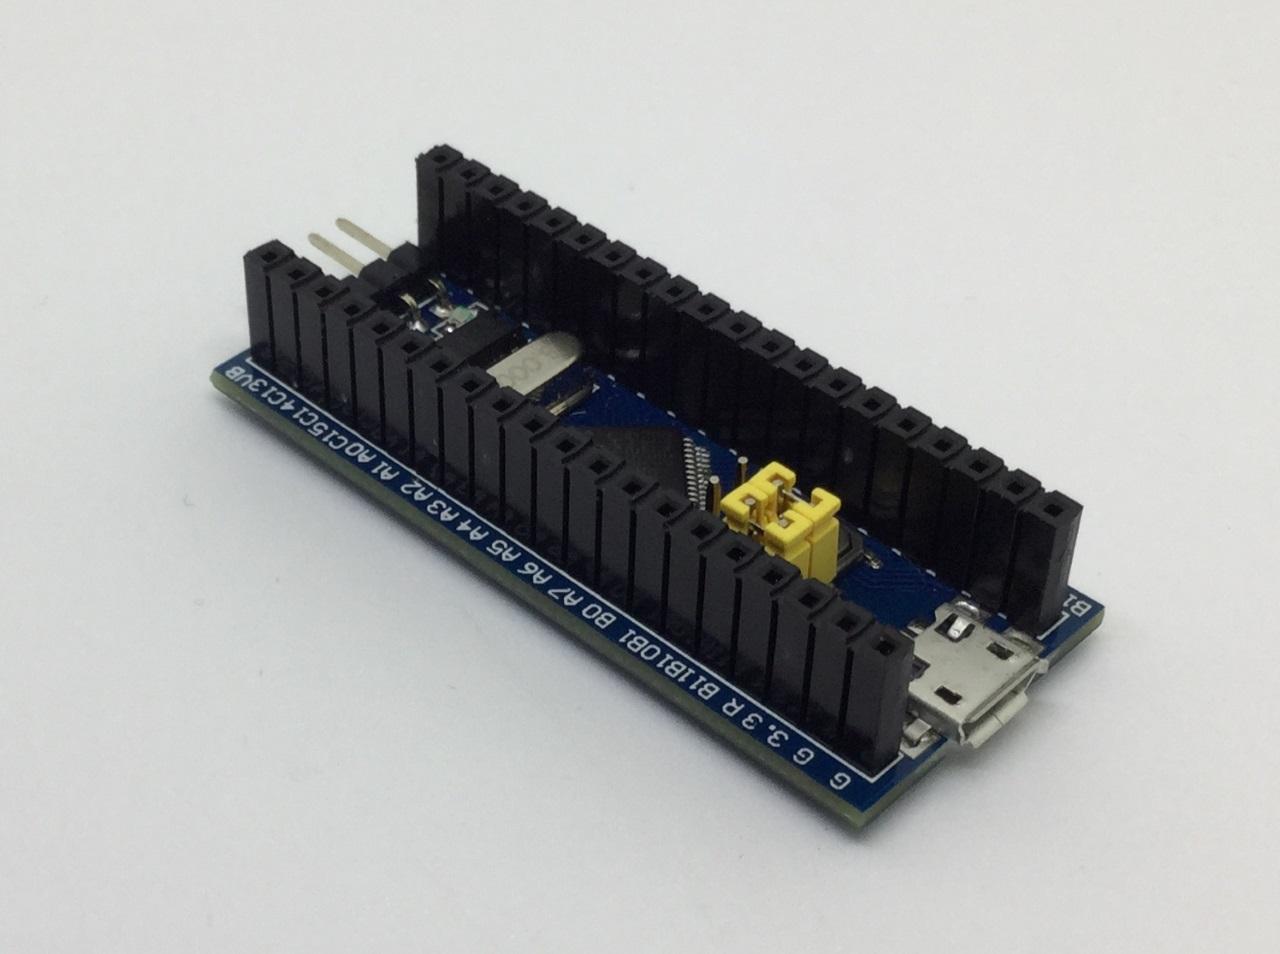 STM32F103